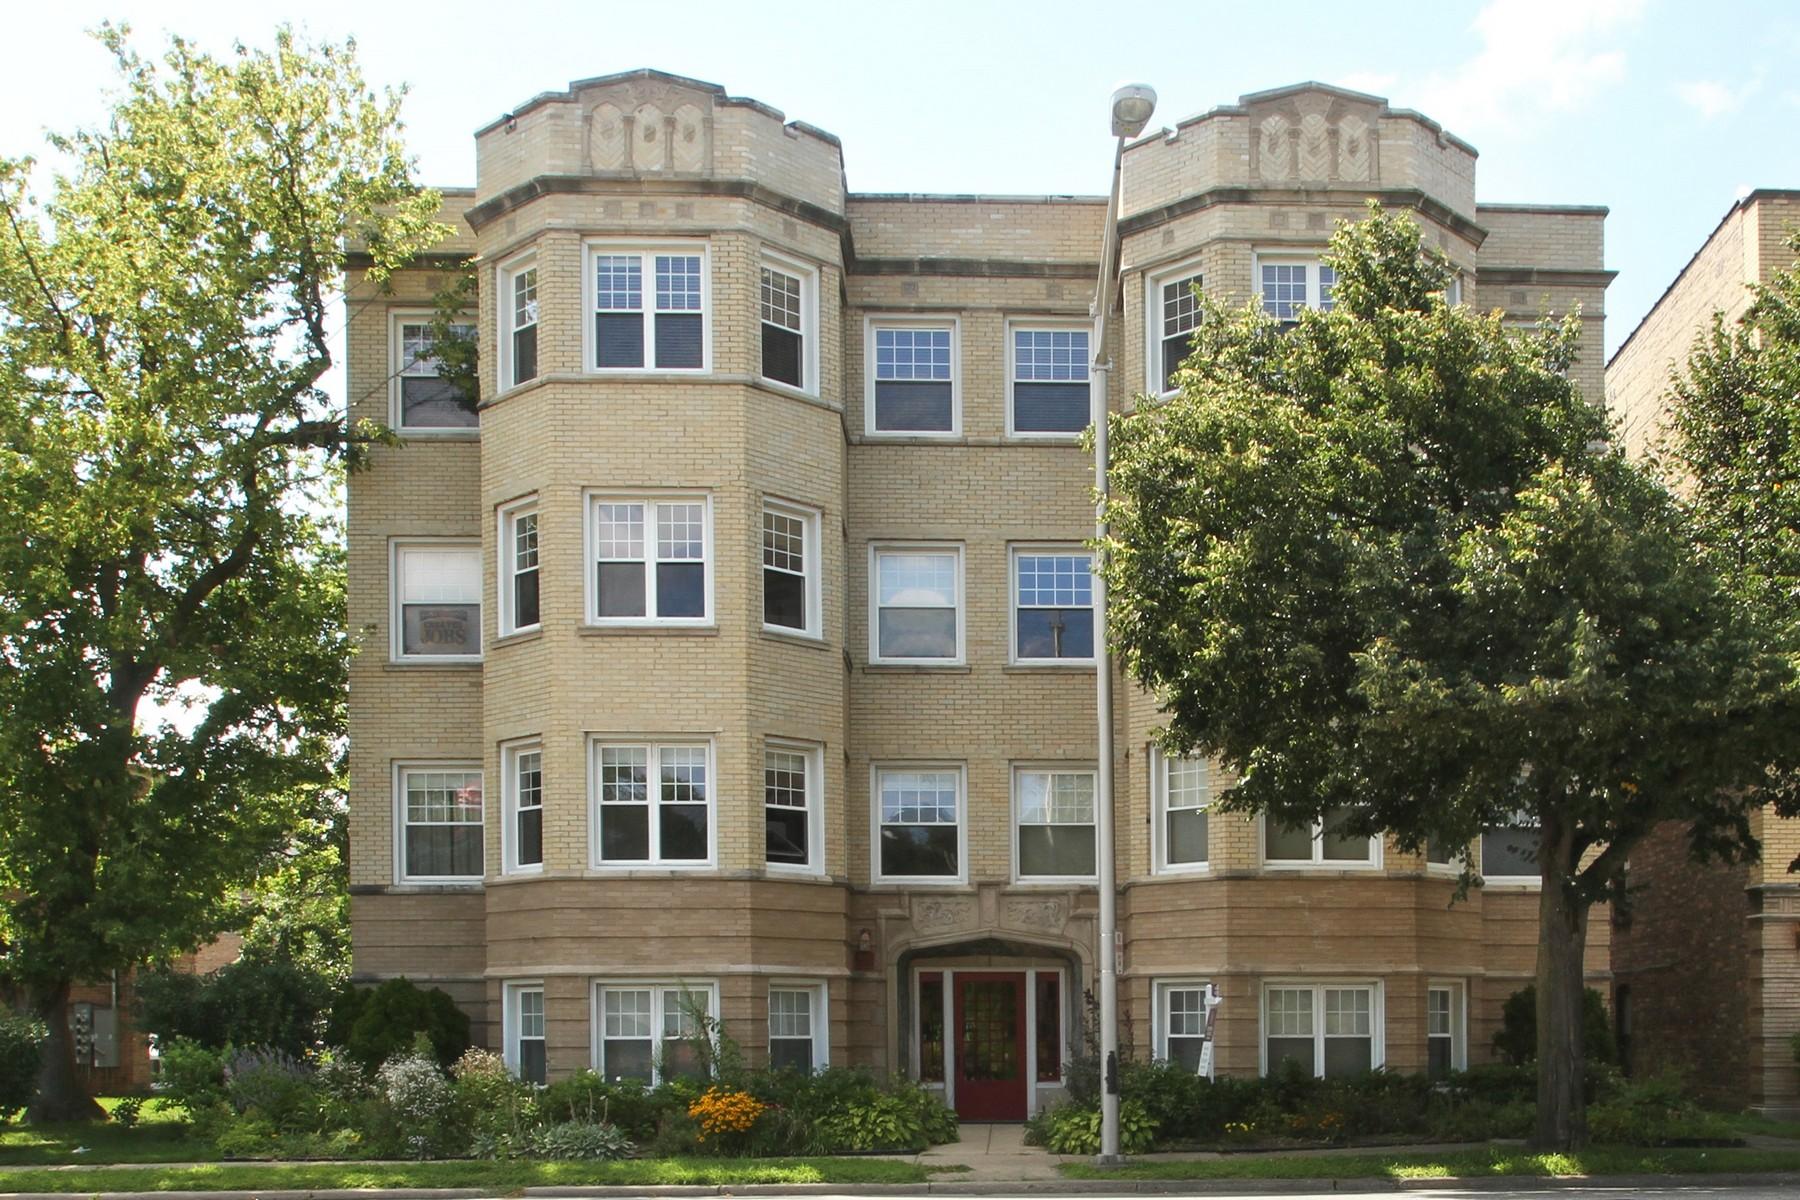 共管式独立产权公寓 为 销售 在 Charming Vintage Condo 8910 Skokie Boulevard Unit 1S, 斯科基, 伊利诺斯州, 60077 美国